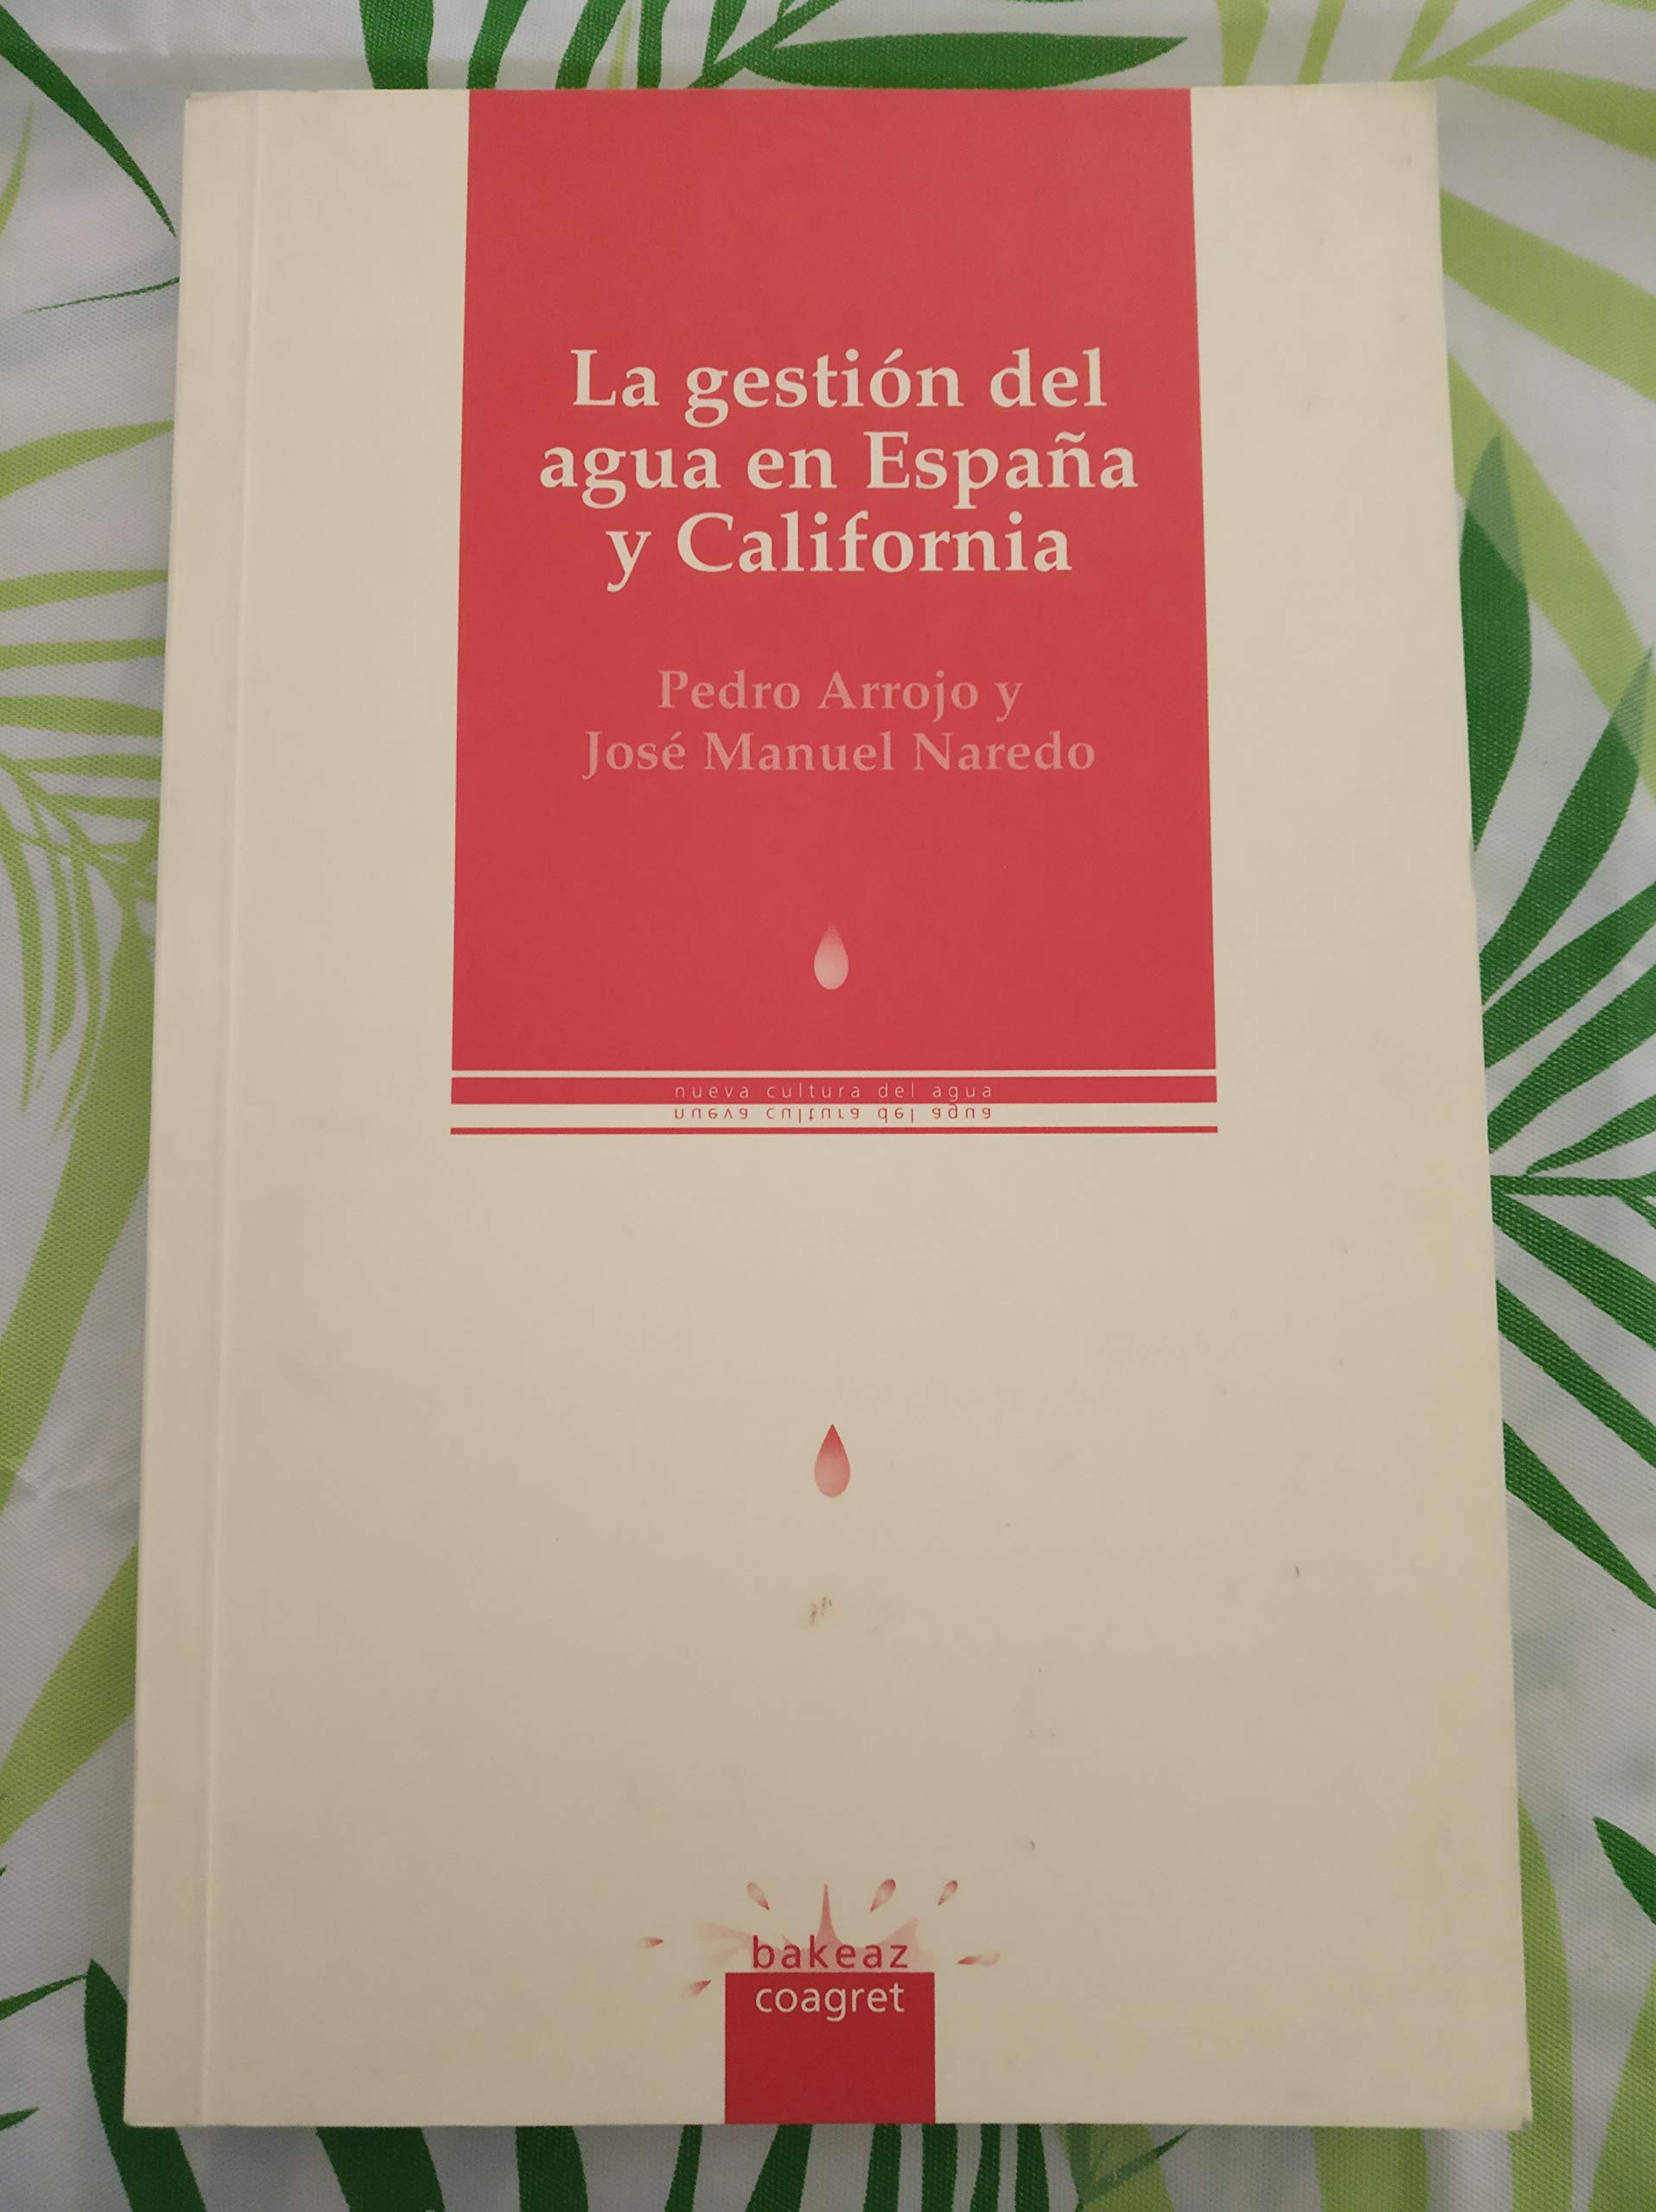 La gestion del agua en España y California: Amazon.es: Pedro Arrojo, Jose Manuel Naredo: Libros